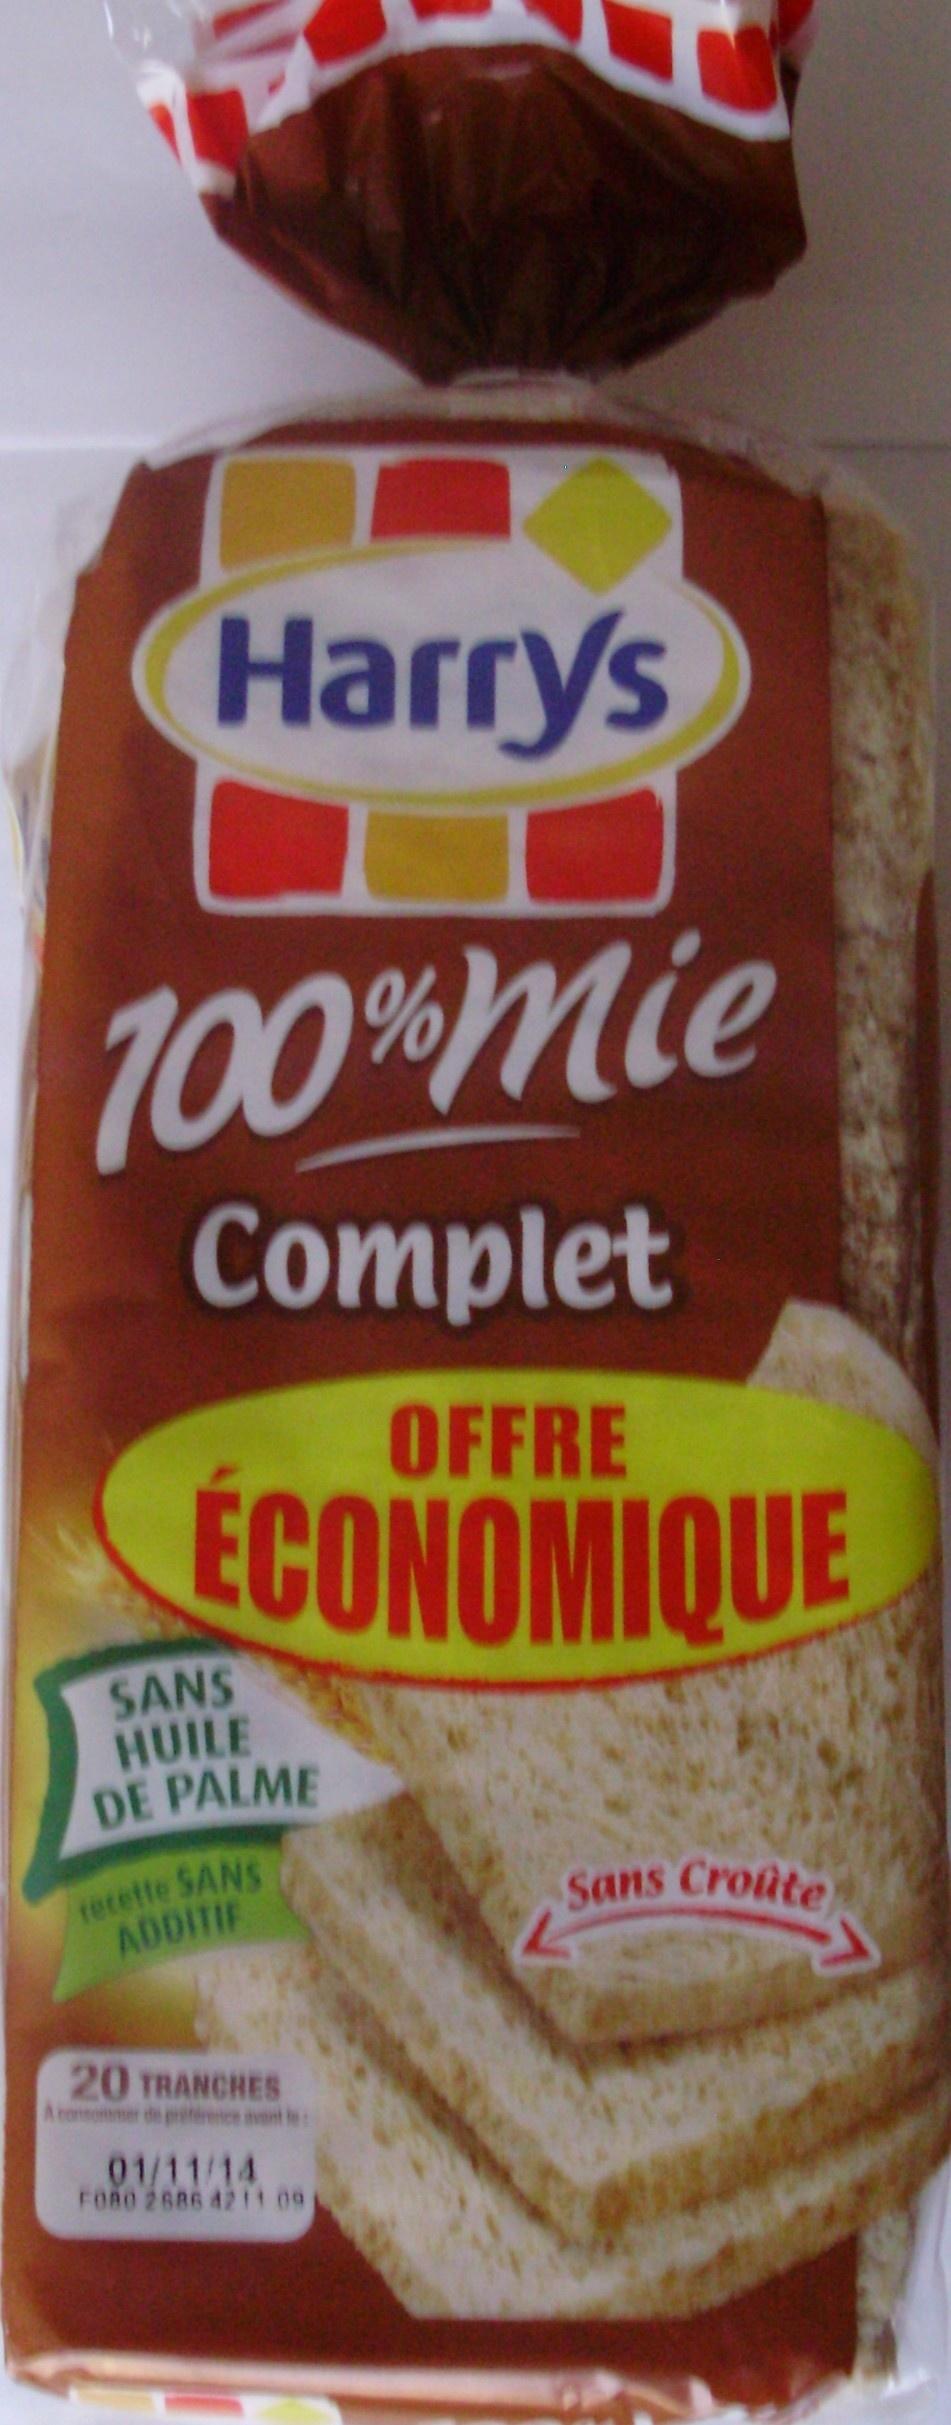 100 % Mie Complet Sans Croûte - Offre économique - Produit